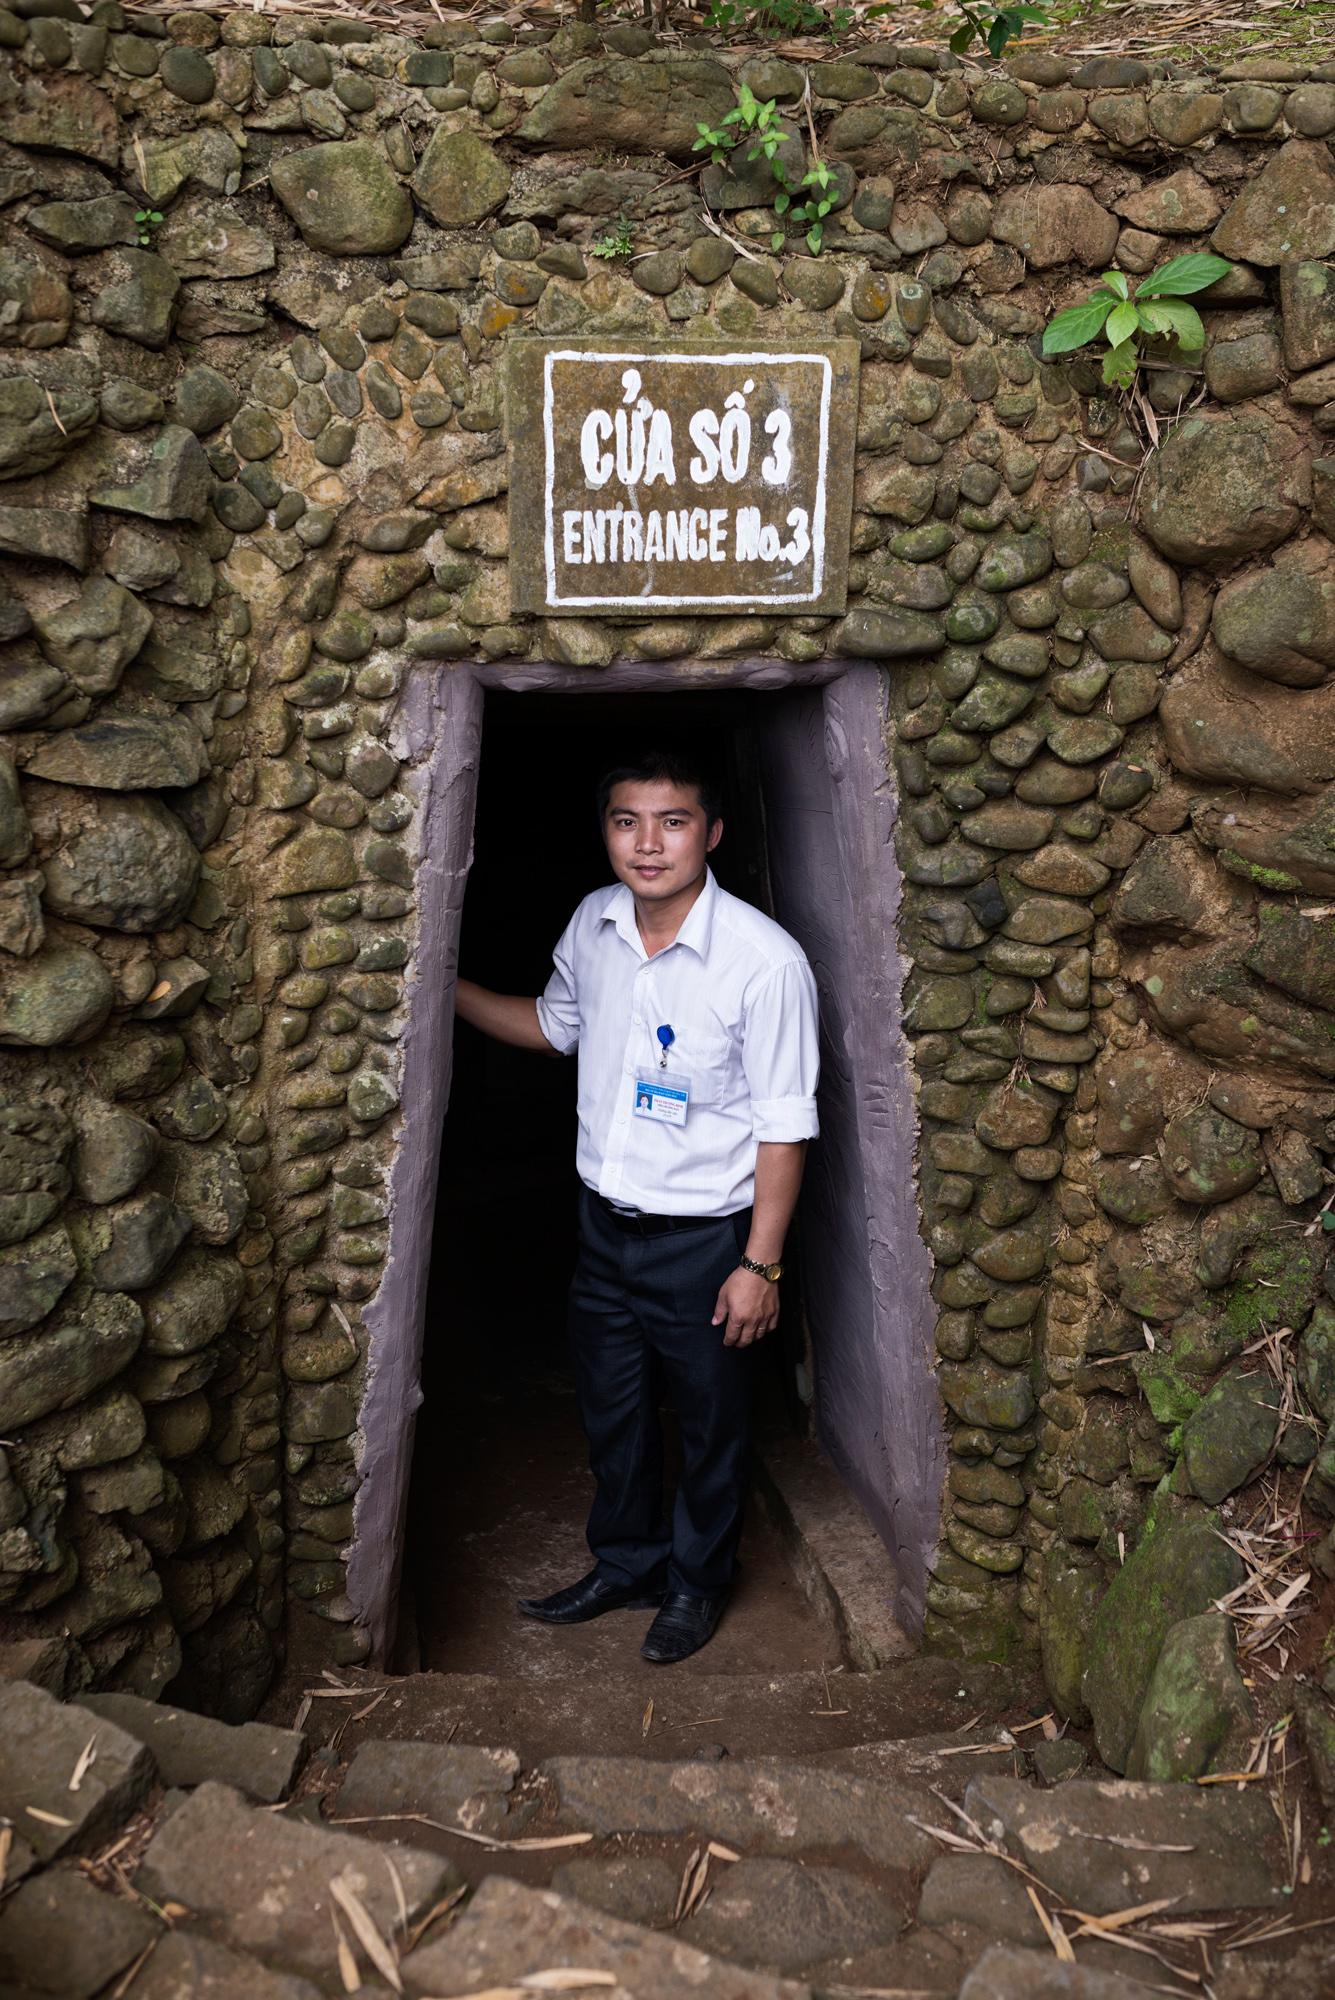 Bis zum Rückzug der Amerikaner im Jahre 1972 spielte sich das Leben der Dorfbevölkerung von Vinh Moc in diesem Tunnelsystem ab.